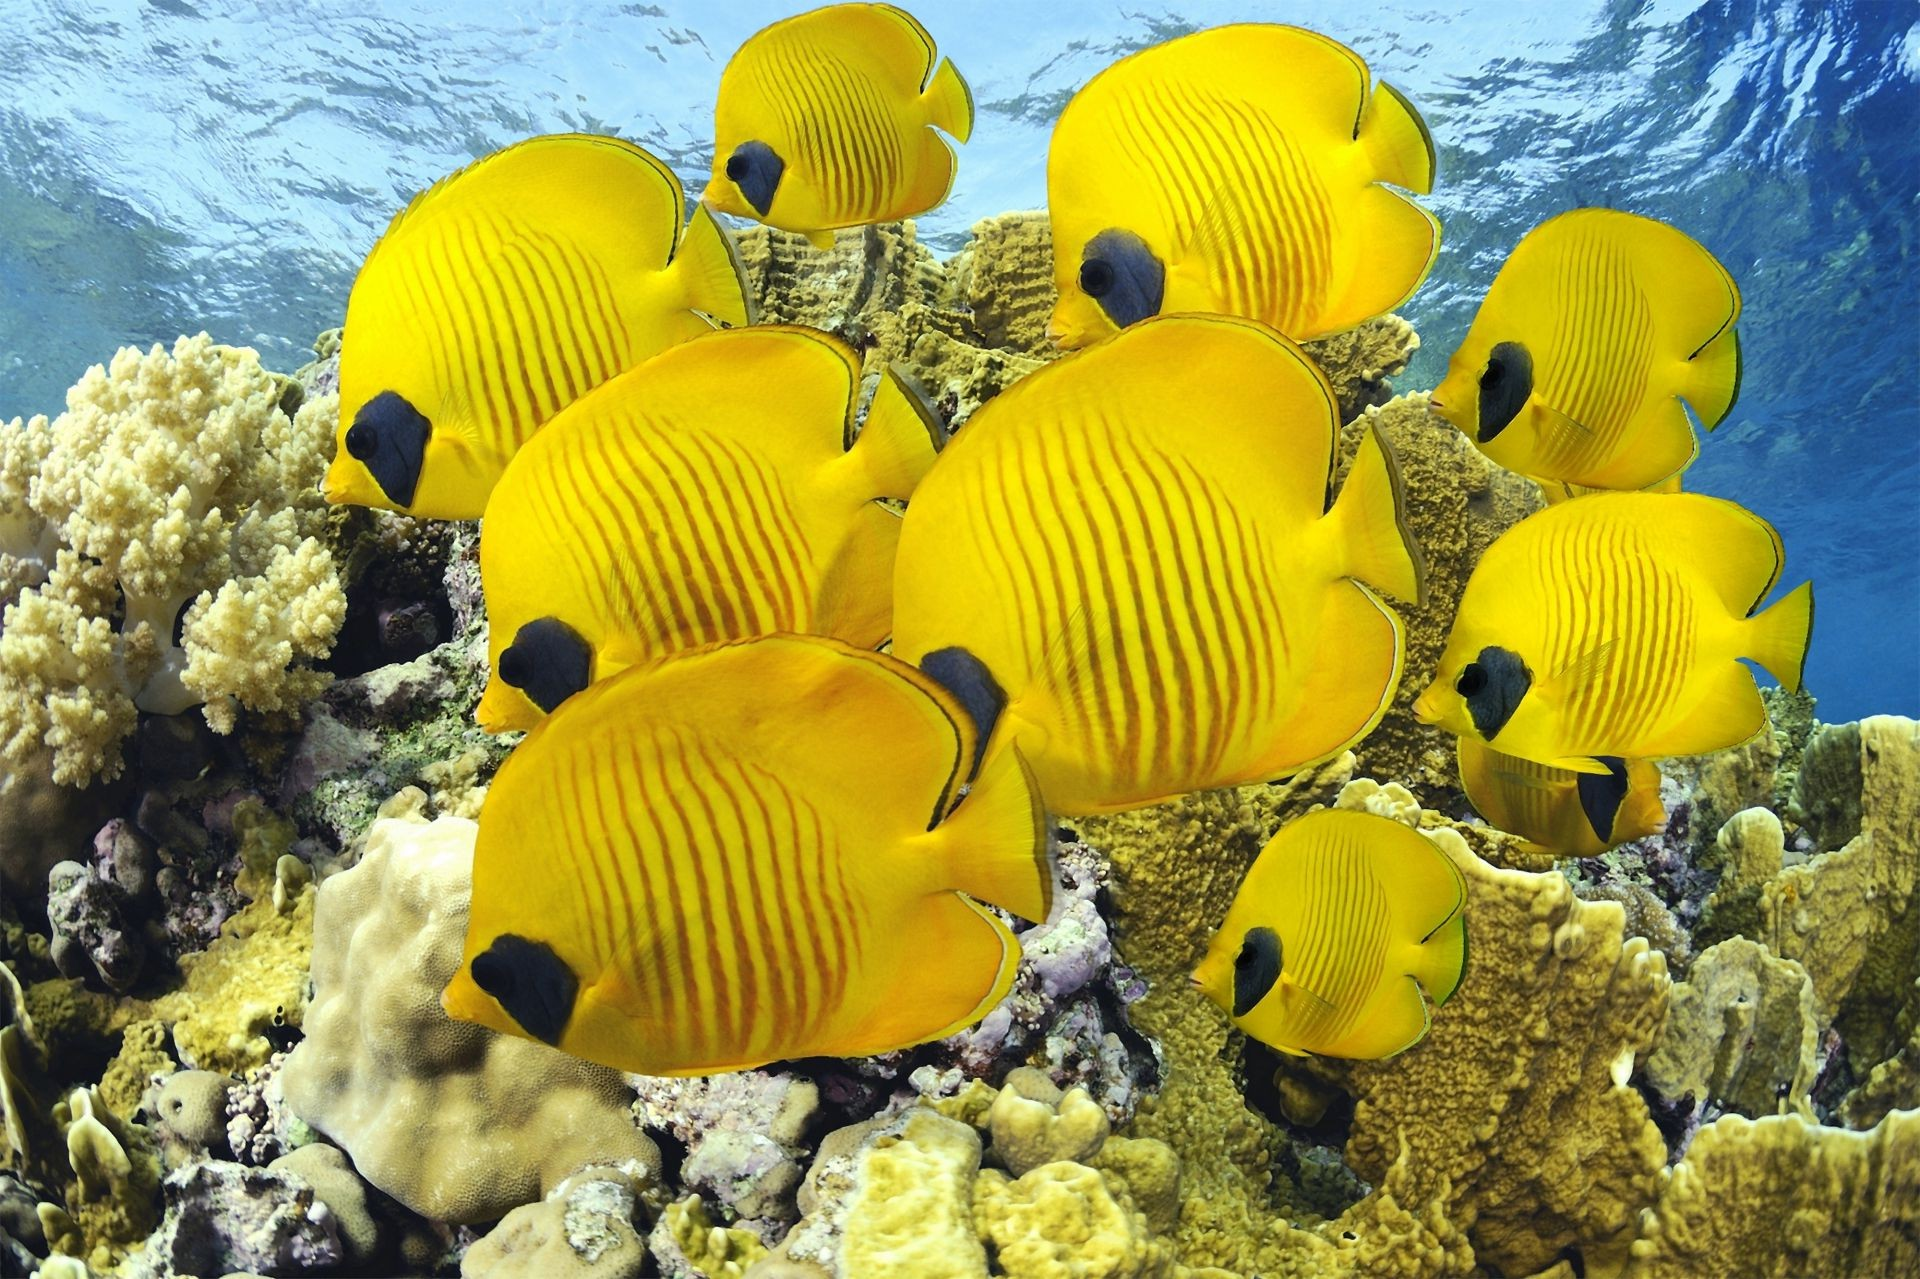 общем, название и фото самых красивых морских животных себя